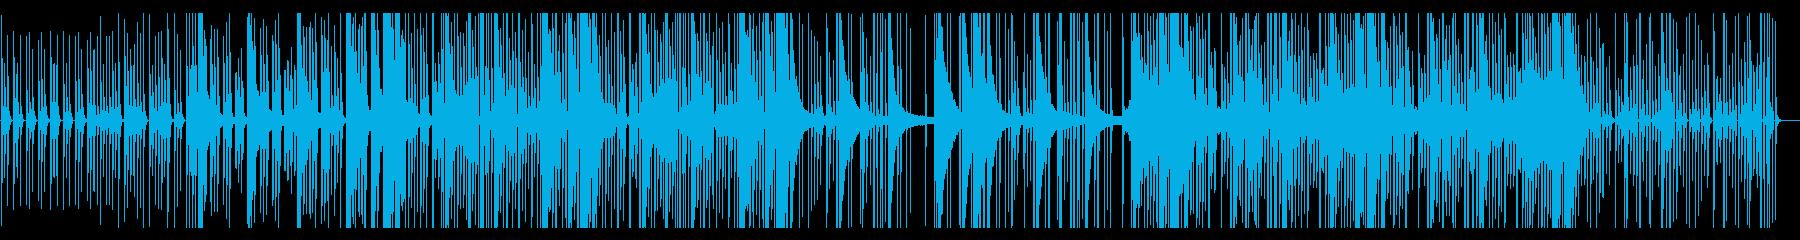 芽吹きをイメージした淡いミニマルポップの再生済みの波形